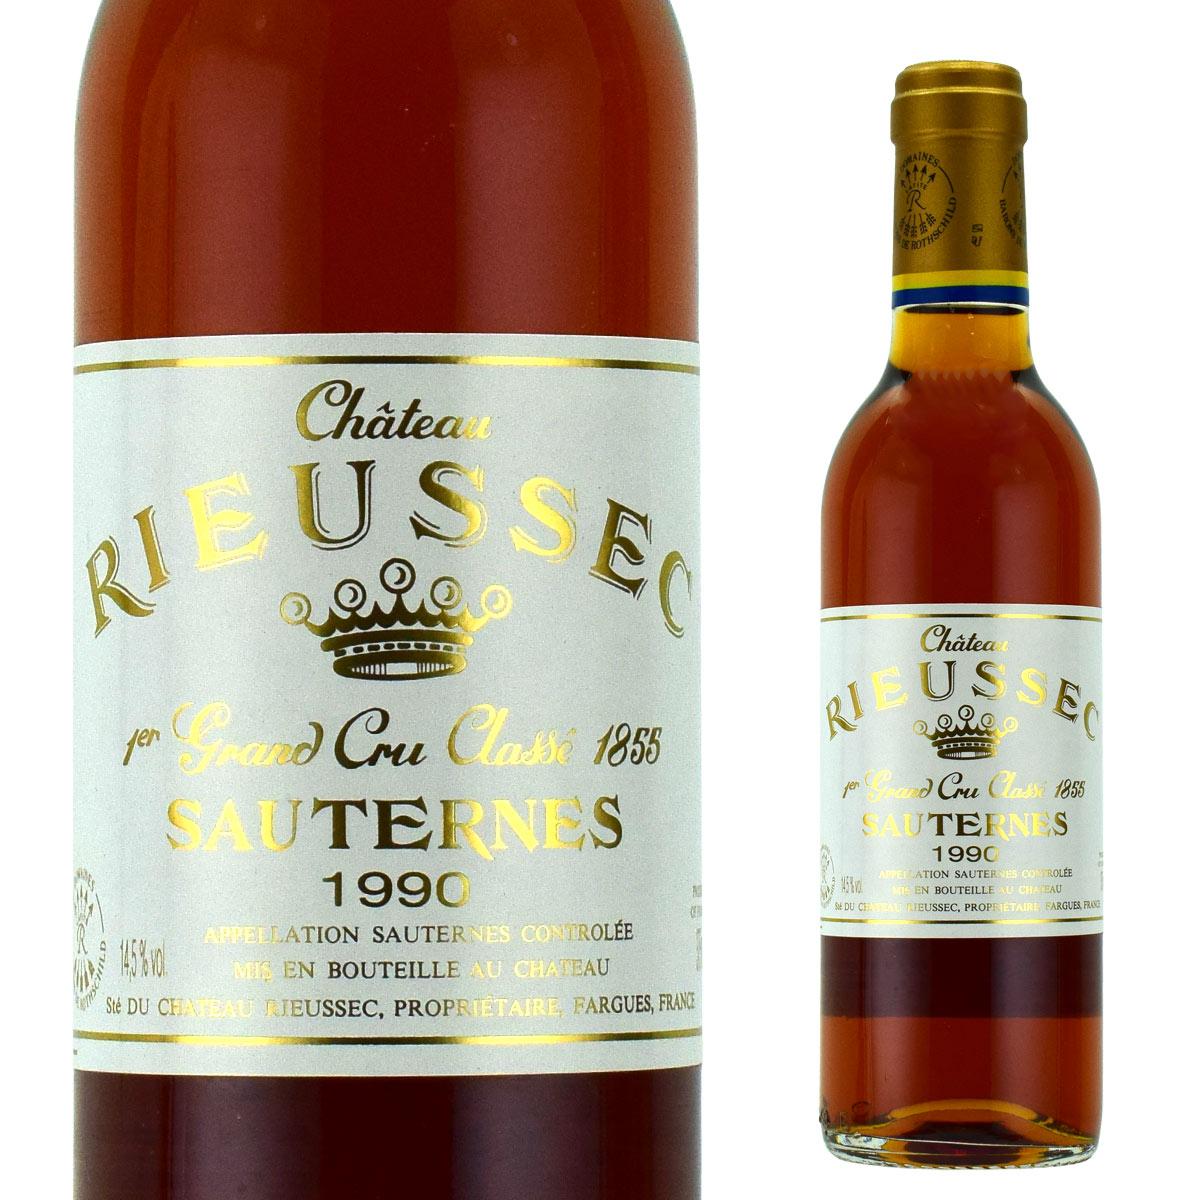 ワイン, 白ワイン  1990 375ml Chateau Rieussec Sauternes